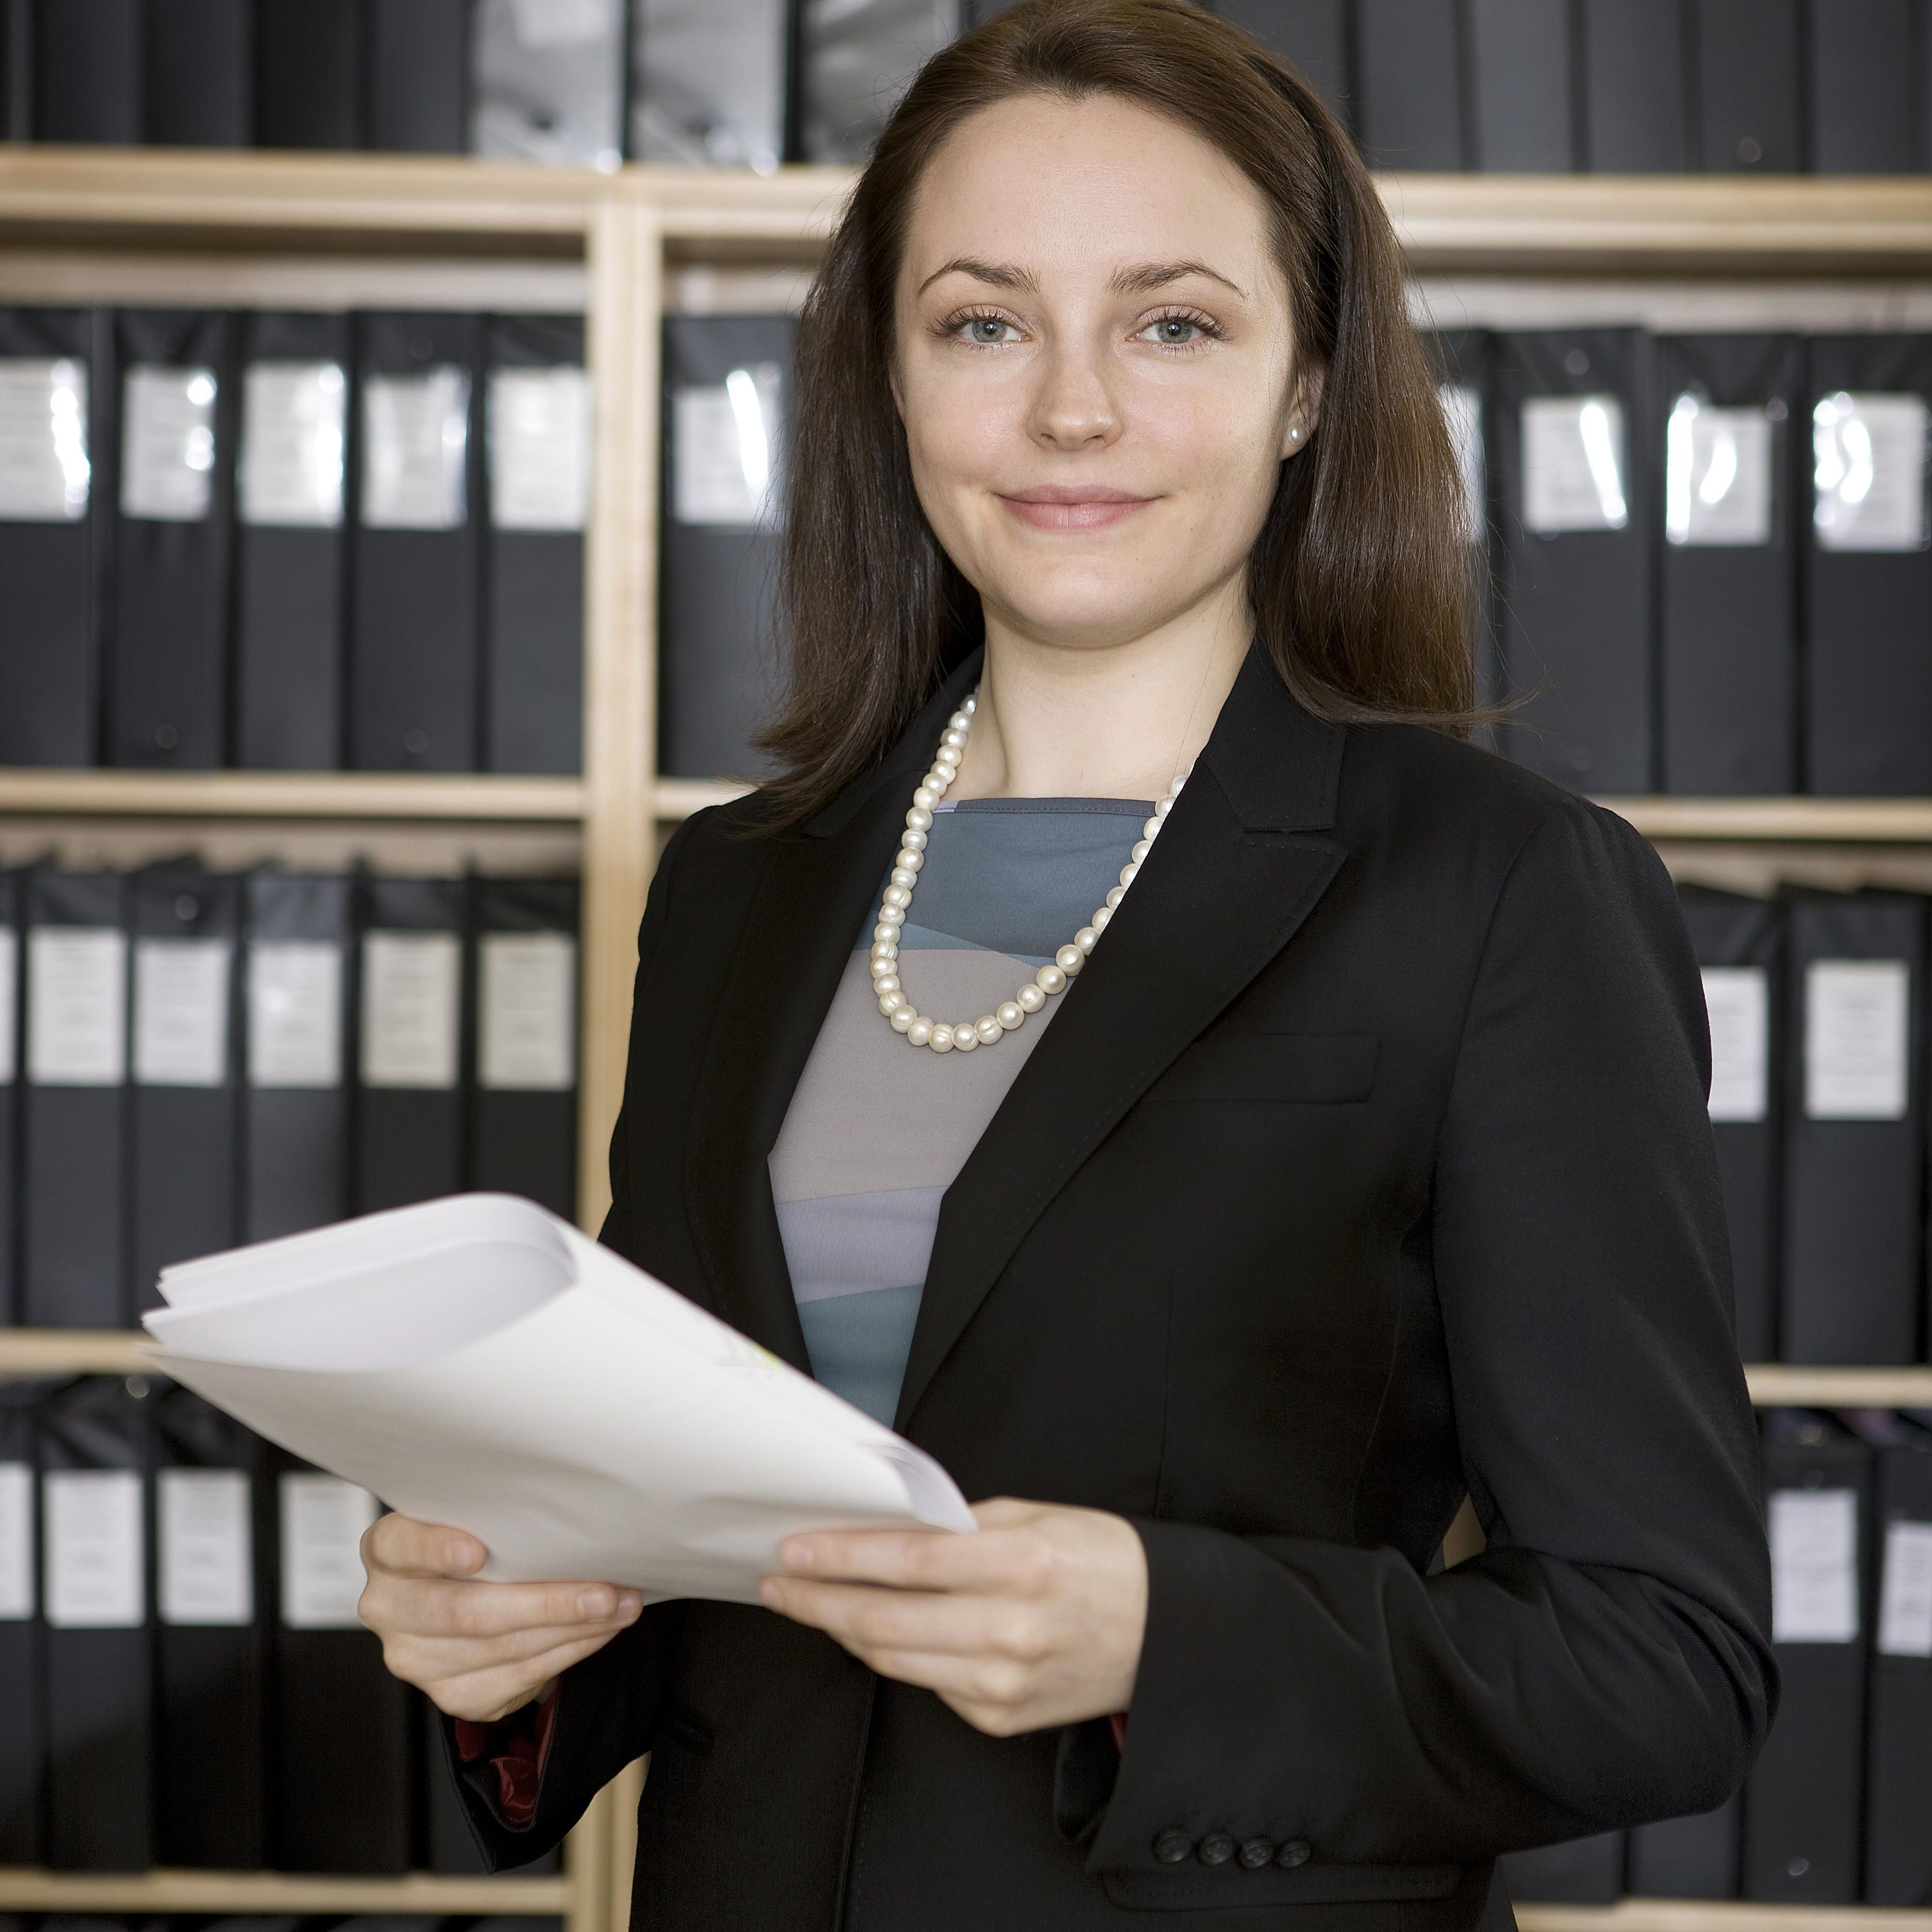 Chemiker eignen sich gut für juristische Karrieren in Bezug auf Patente und Umweltrecht.